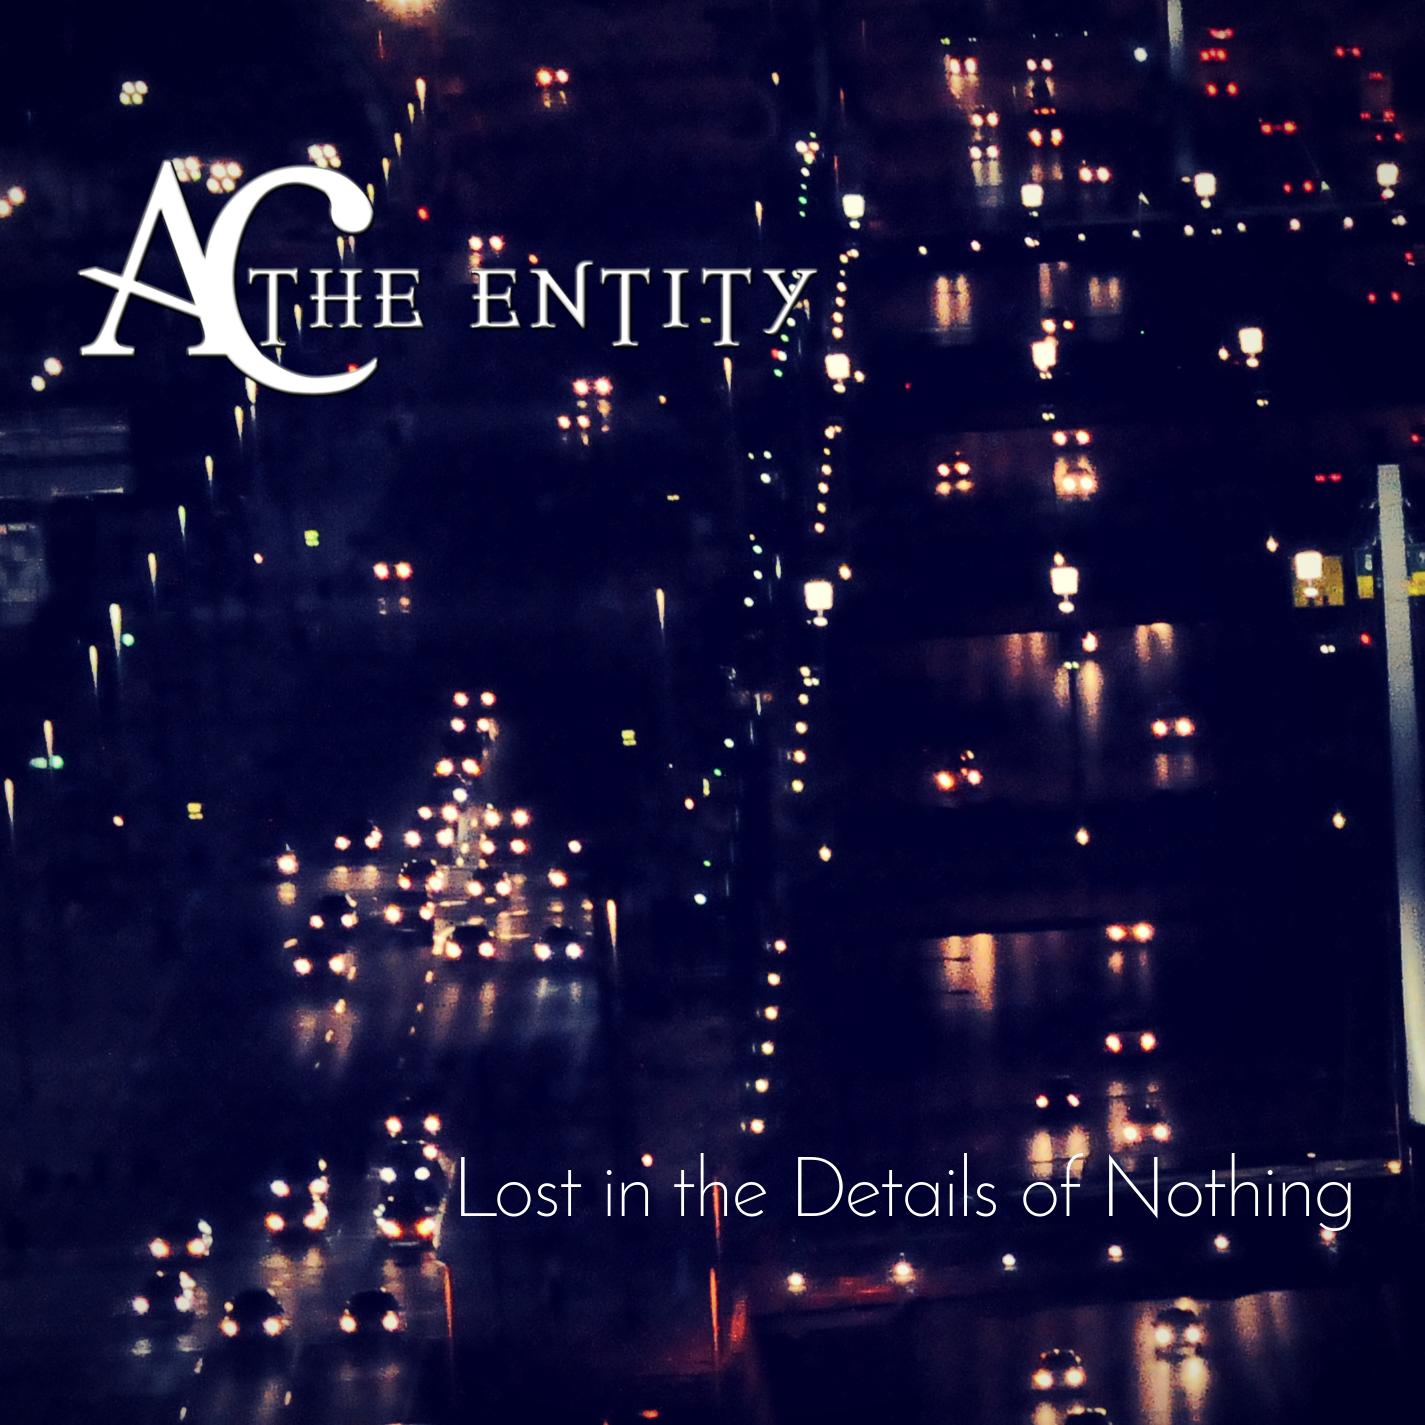 AC The Entity - L.I.T.D.O.N (Explicit)